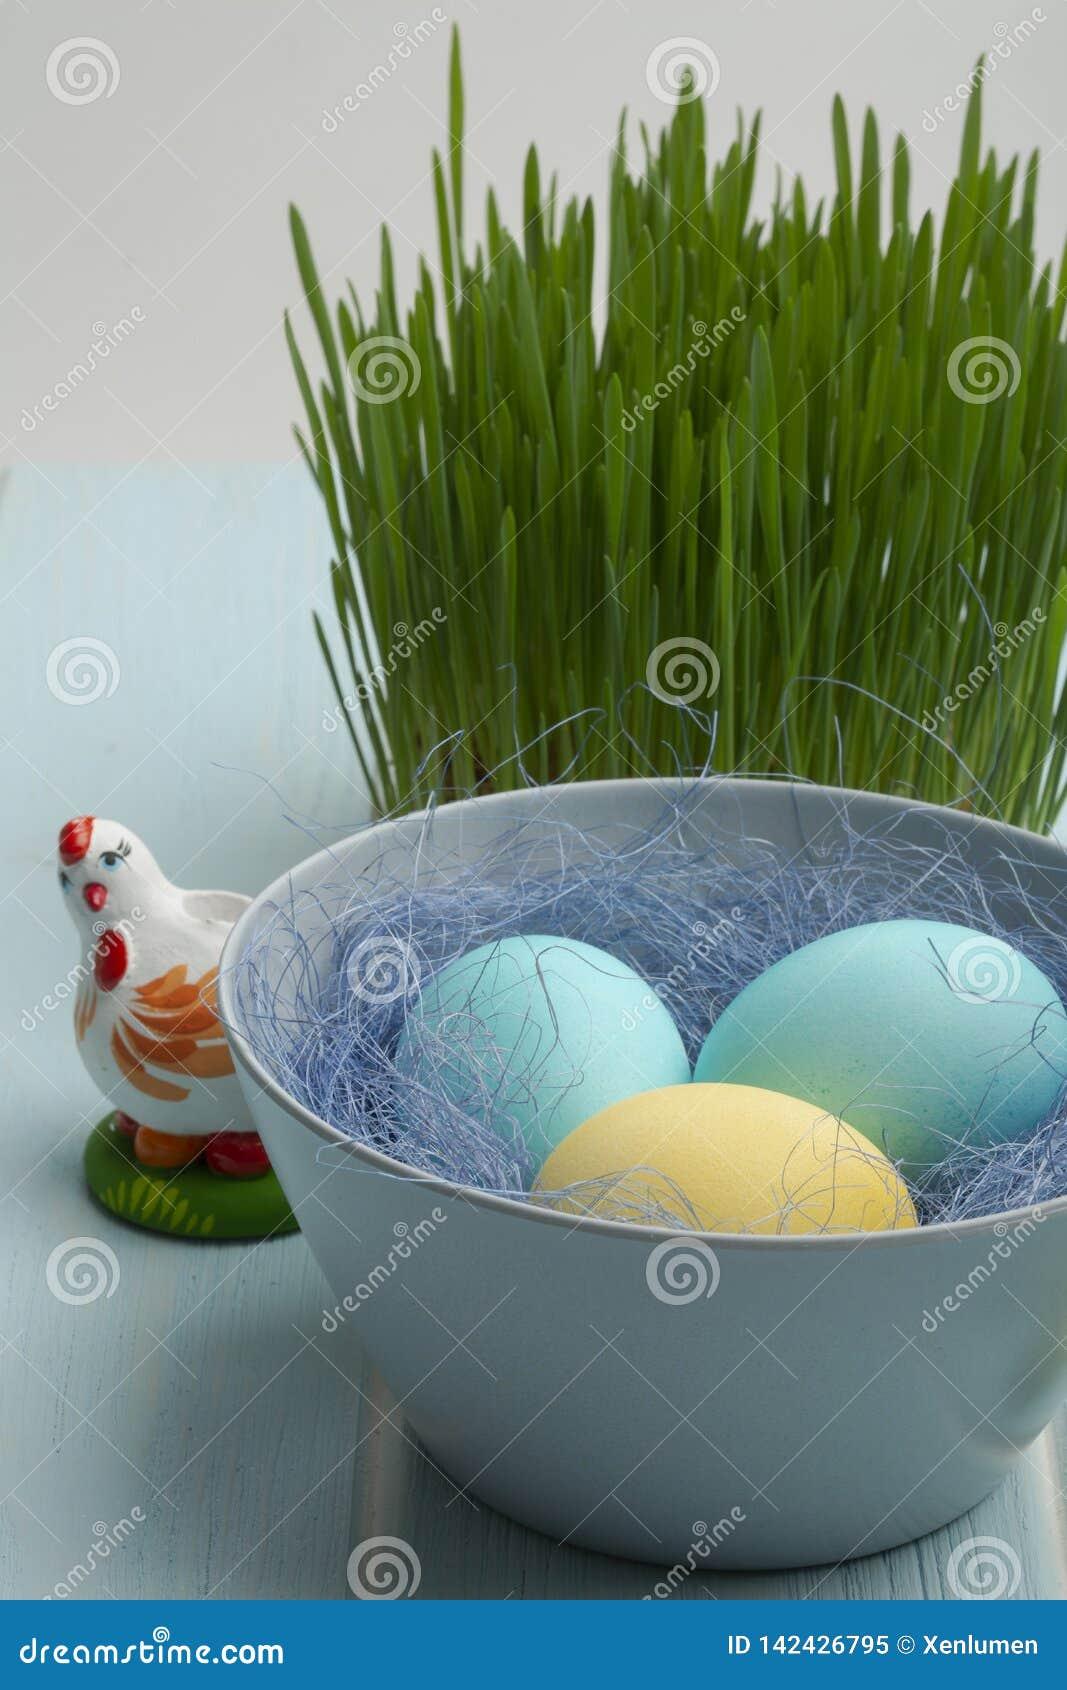 Geverft chiken eieren in een kom